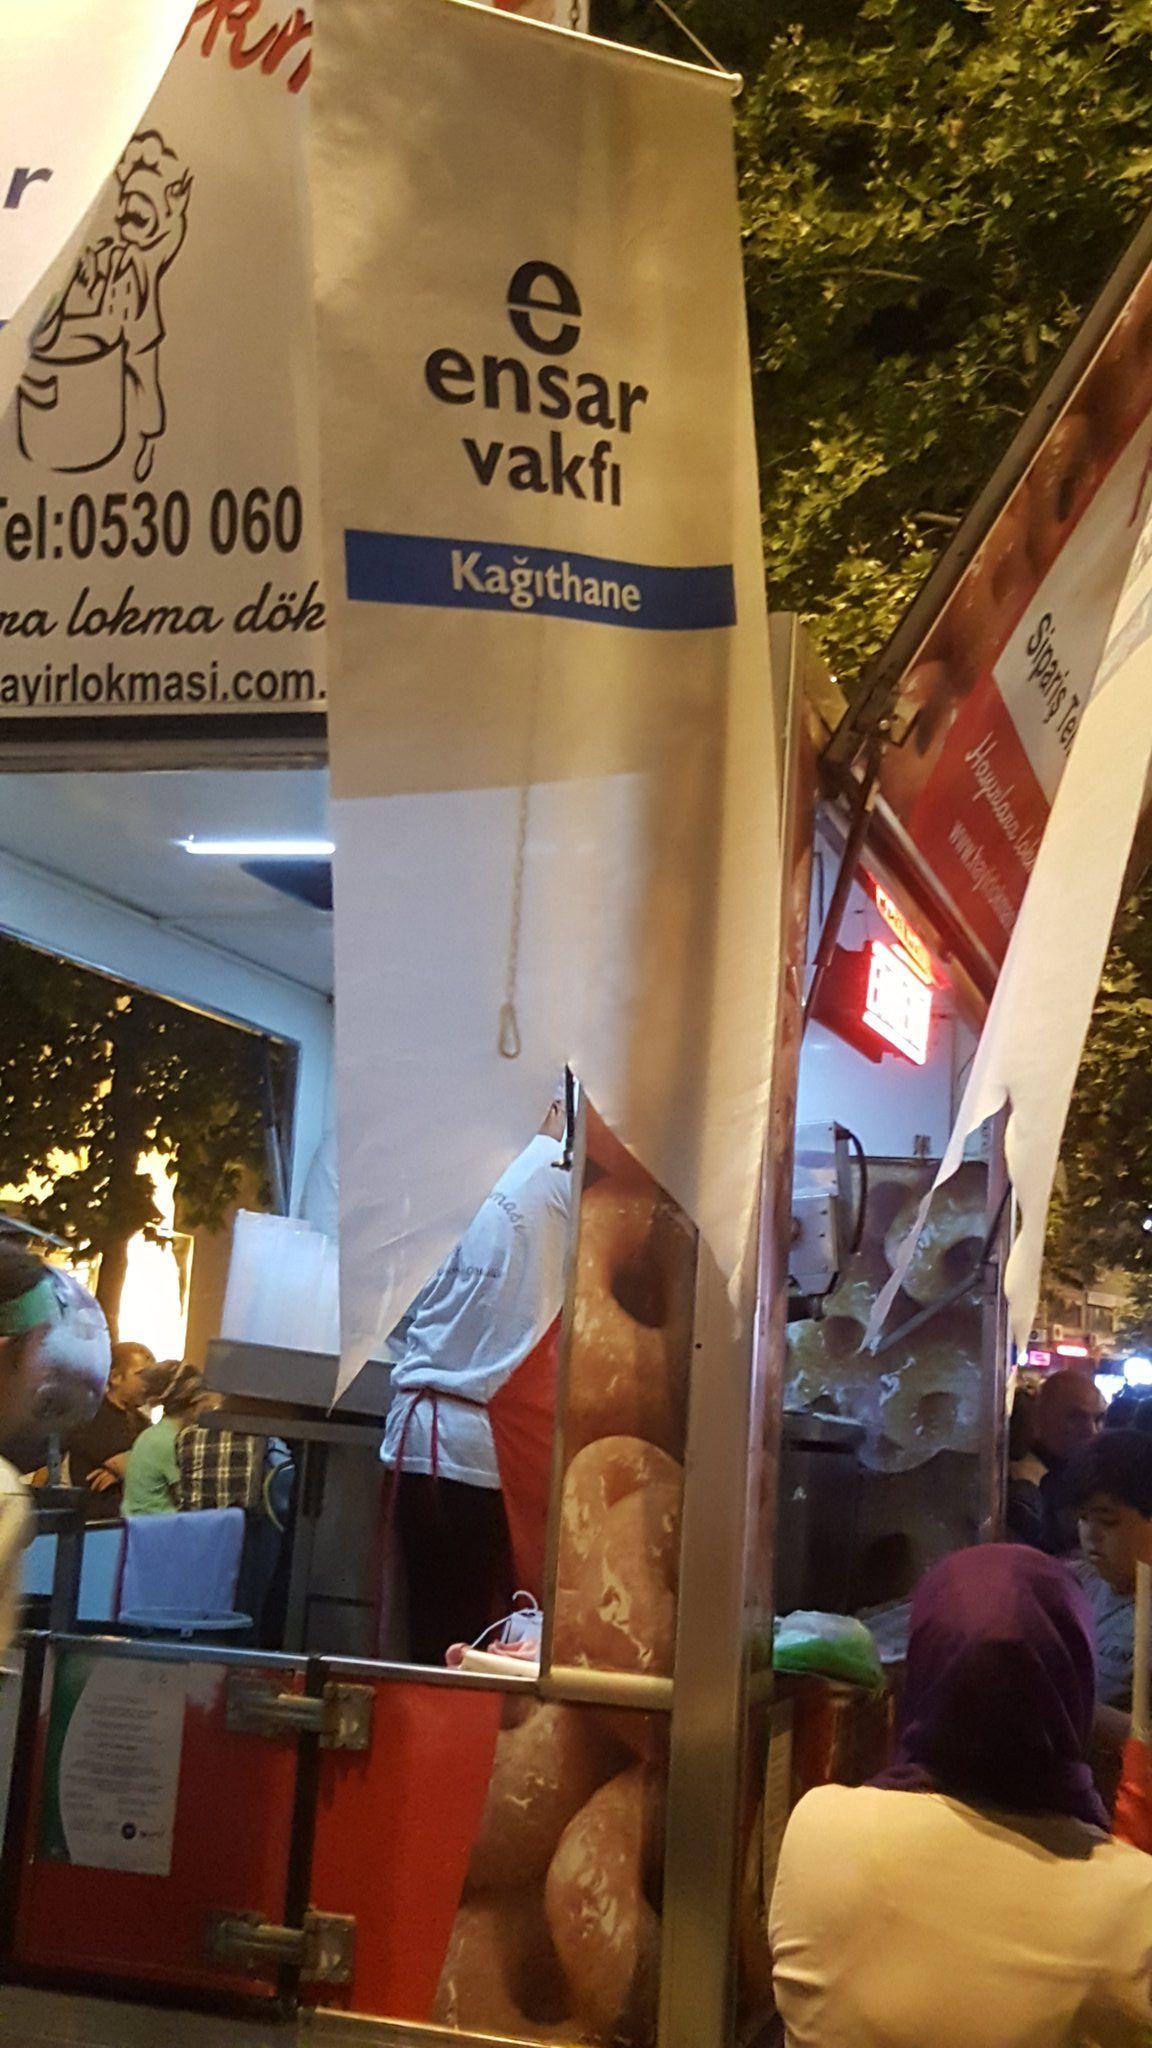 RT @ensarkagithane: Biz Meydanlari sevdik meydanlarda bizi bu millete ne yapsak azdır. Nöbetler bitene kadar onların emrindeyiz. https://t.co/YVjjzcQgZi